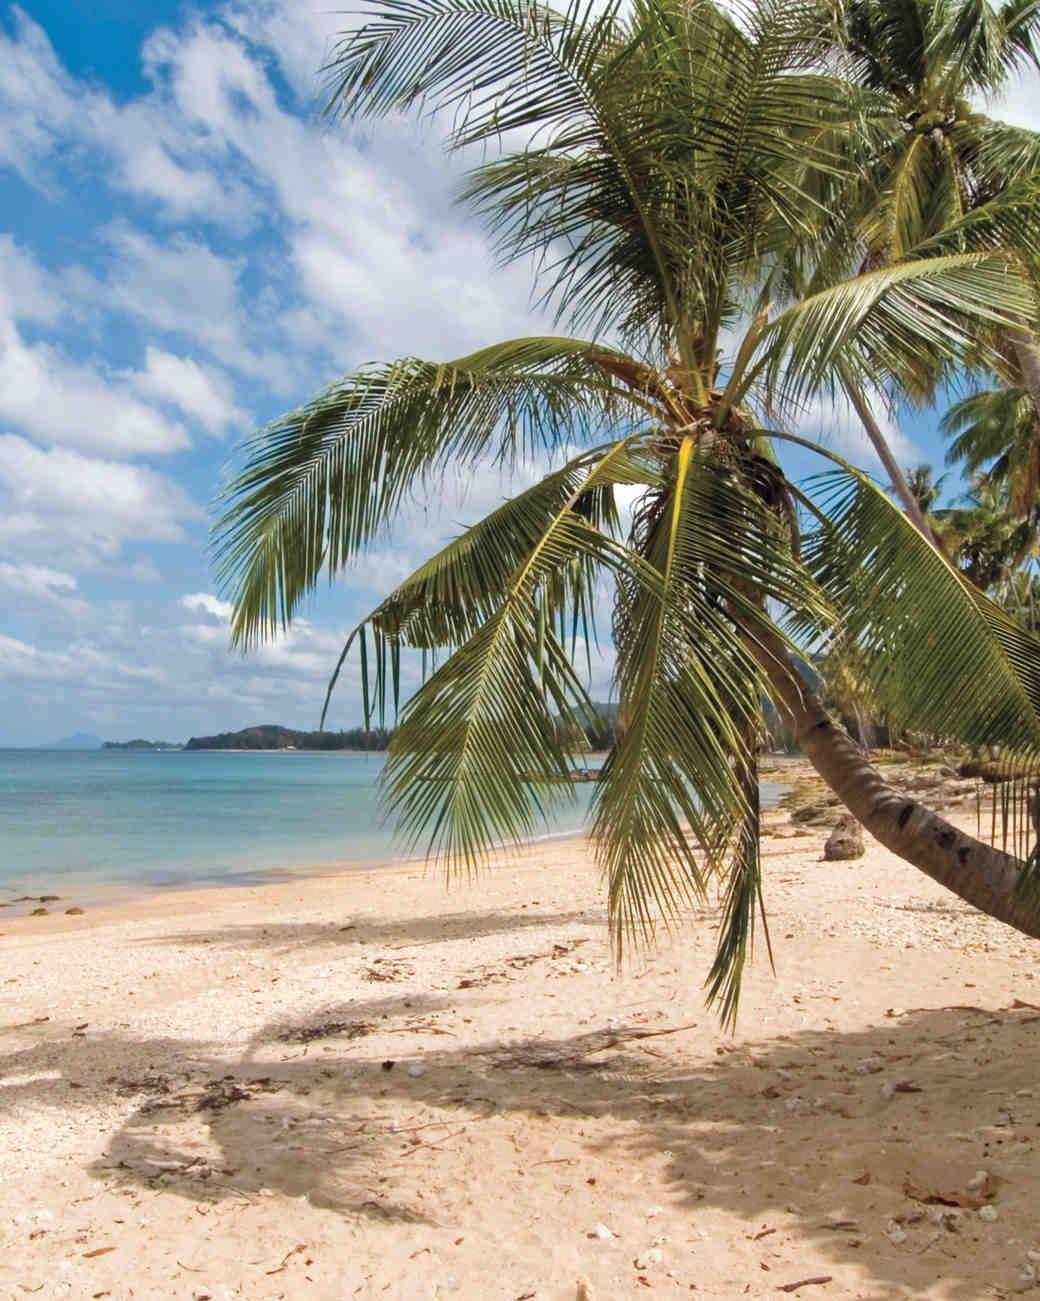 deserted-beach-istock-000003038565-large-s112566.jpg